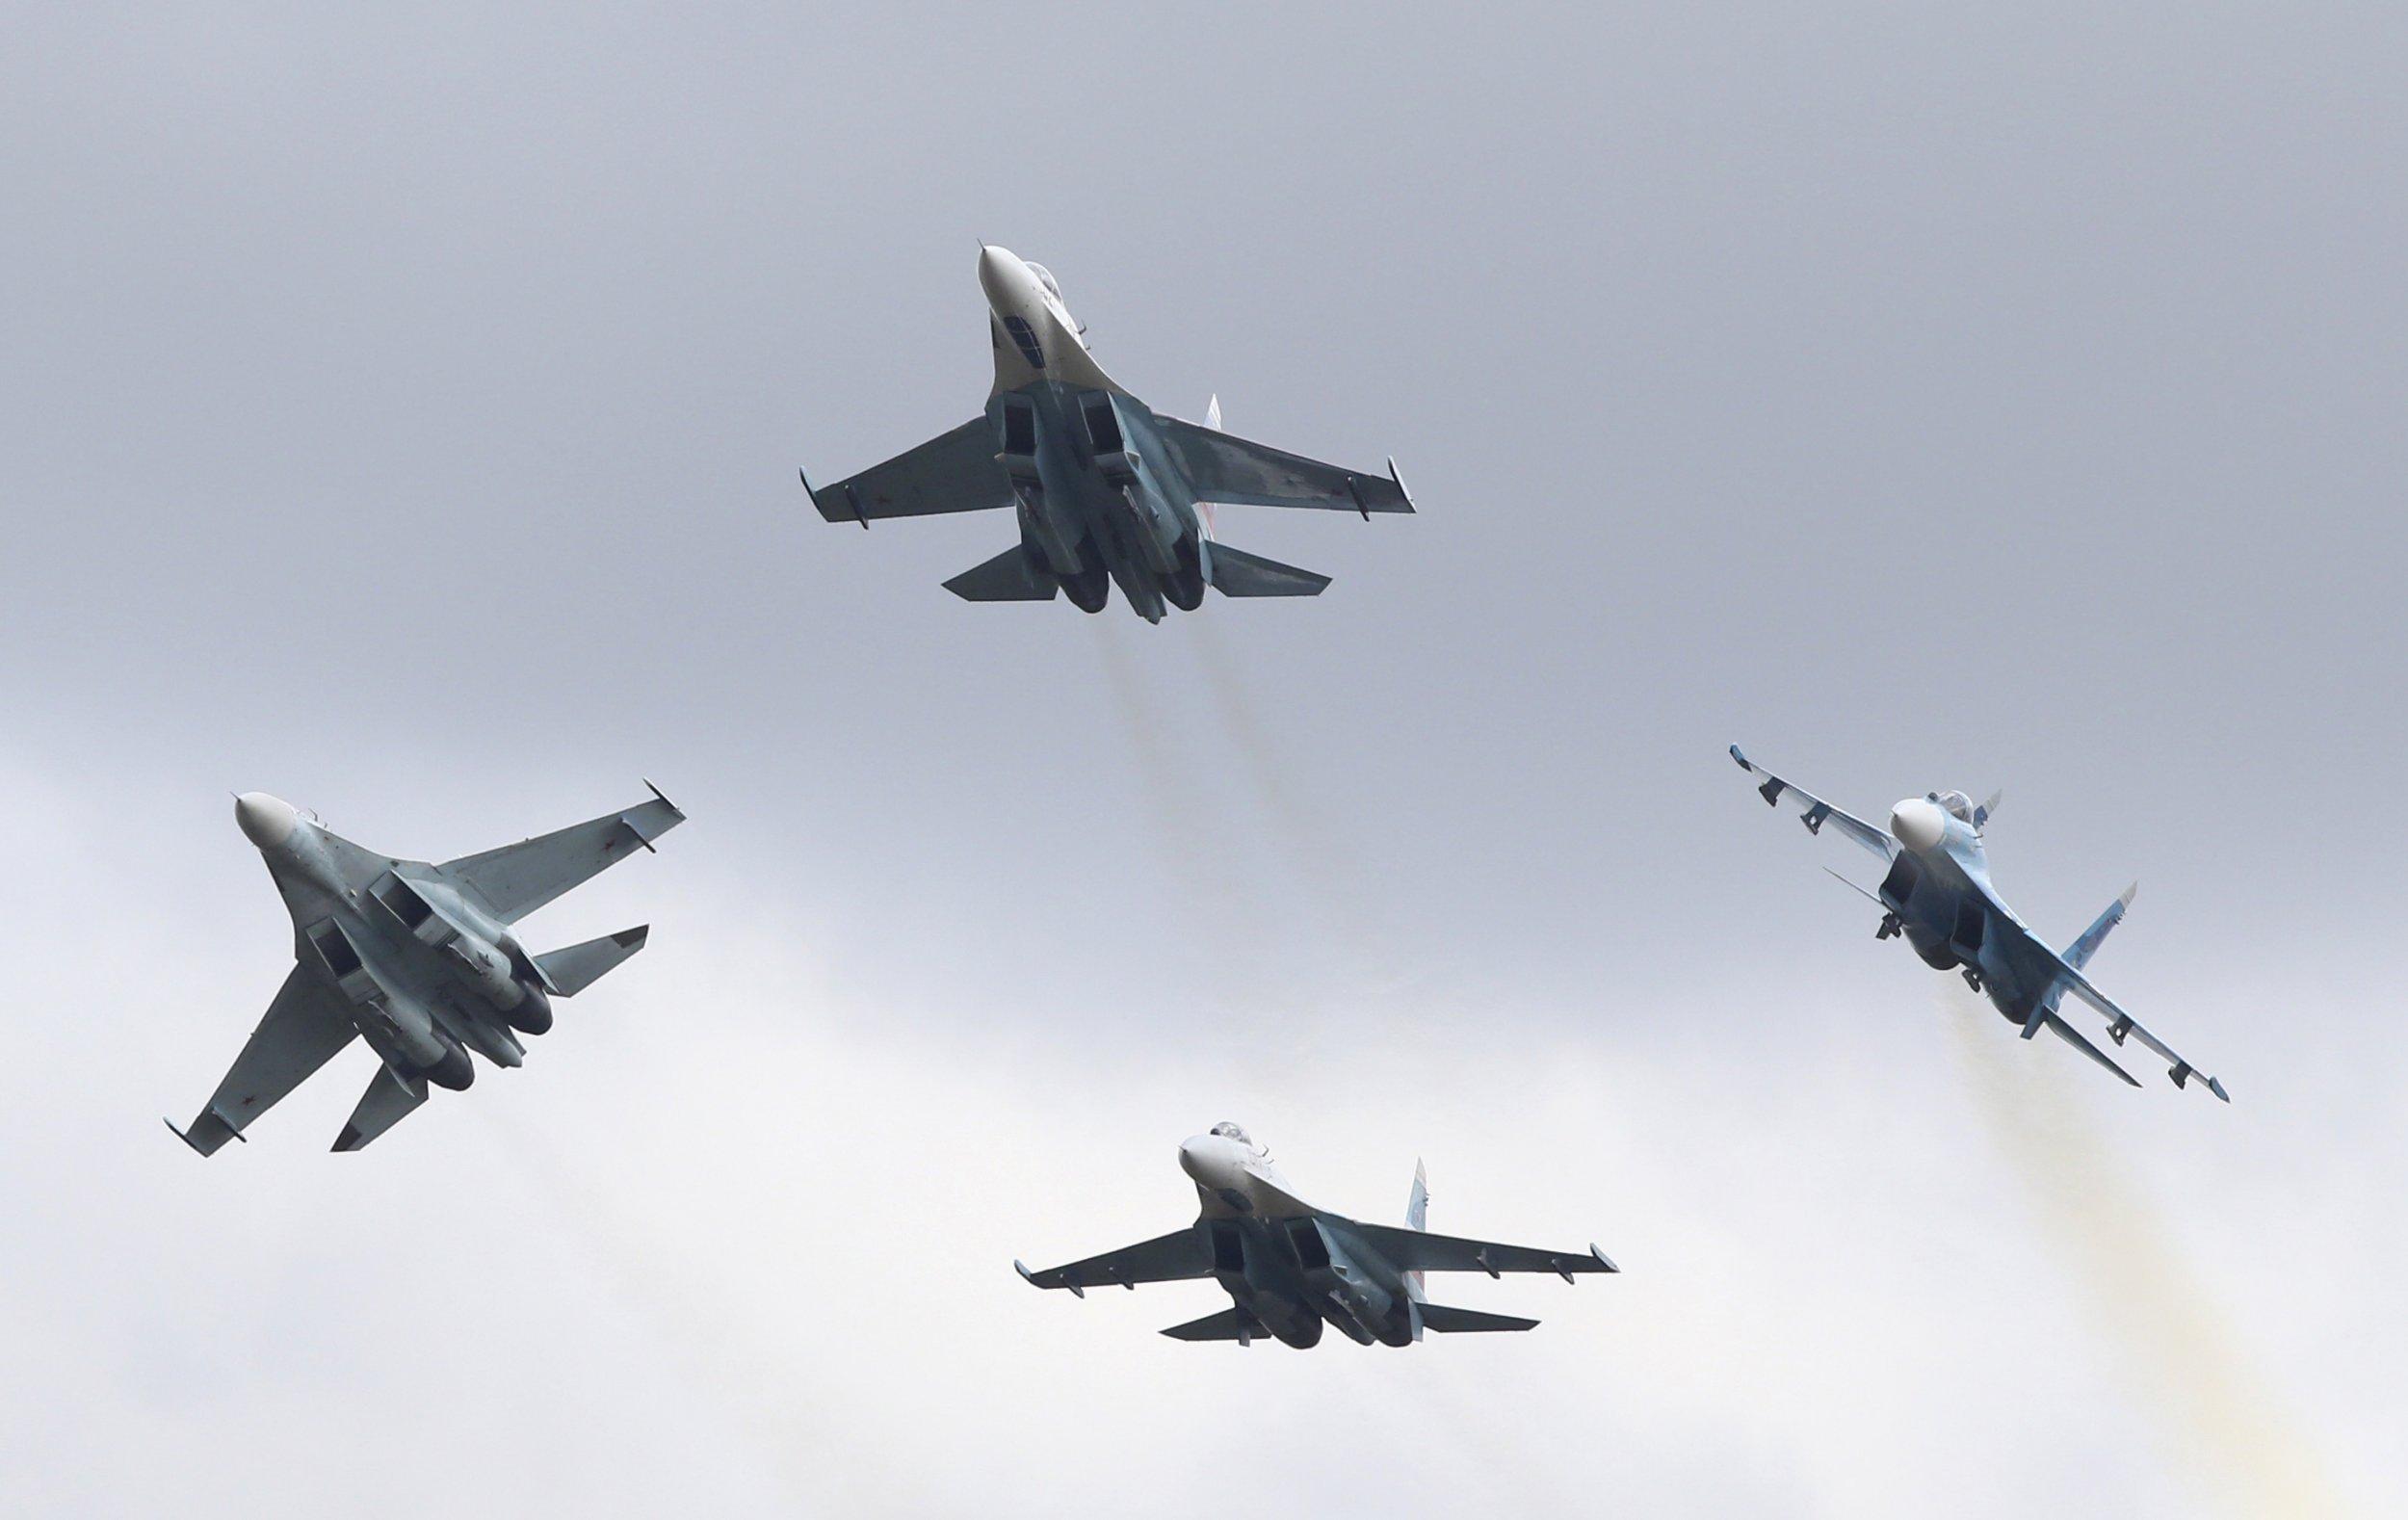 Blue Fighter Jets Rtxzj